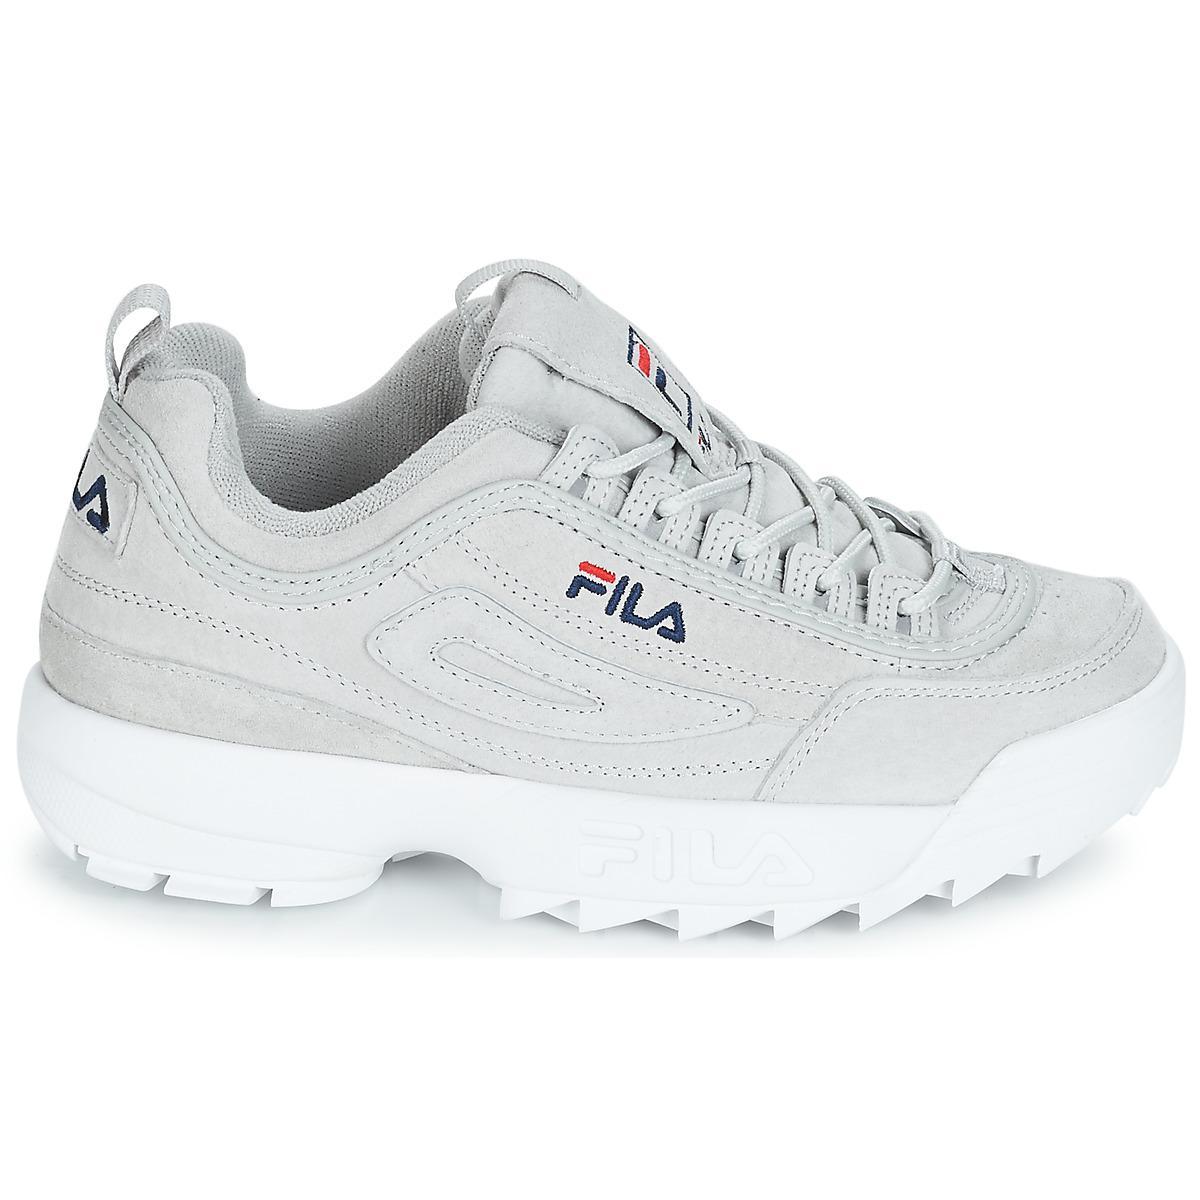 7bd88da5d6d Fila - Natural Disruptor S Low Wmn Shoes (trainers) - Lyst. View fullscreen